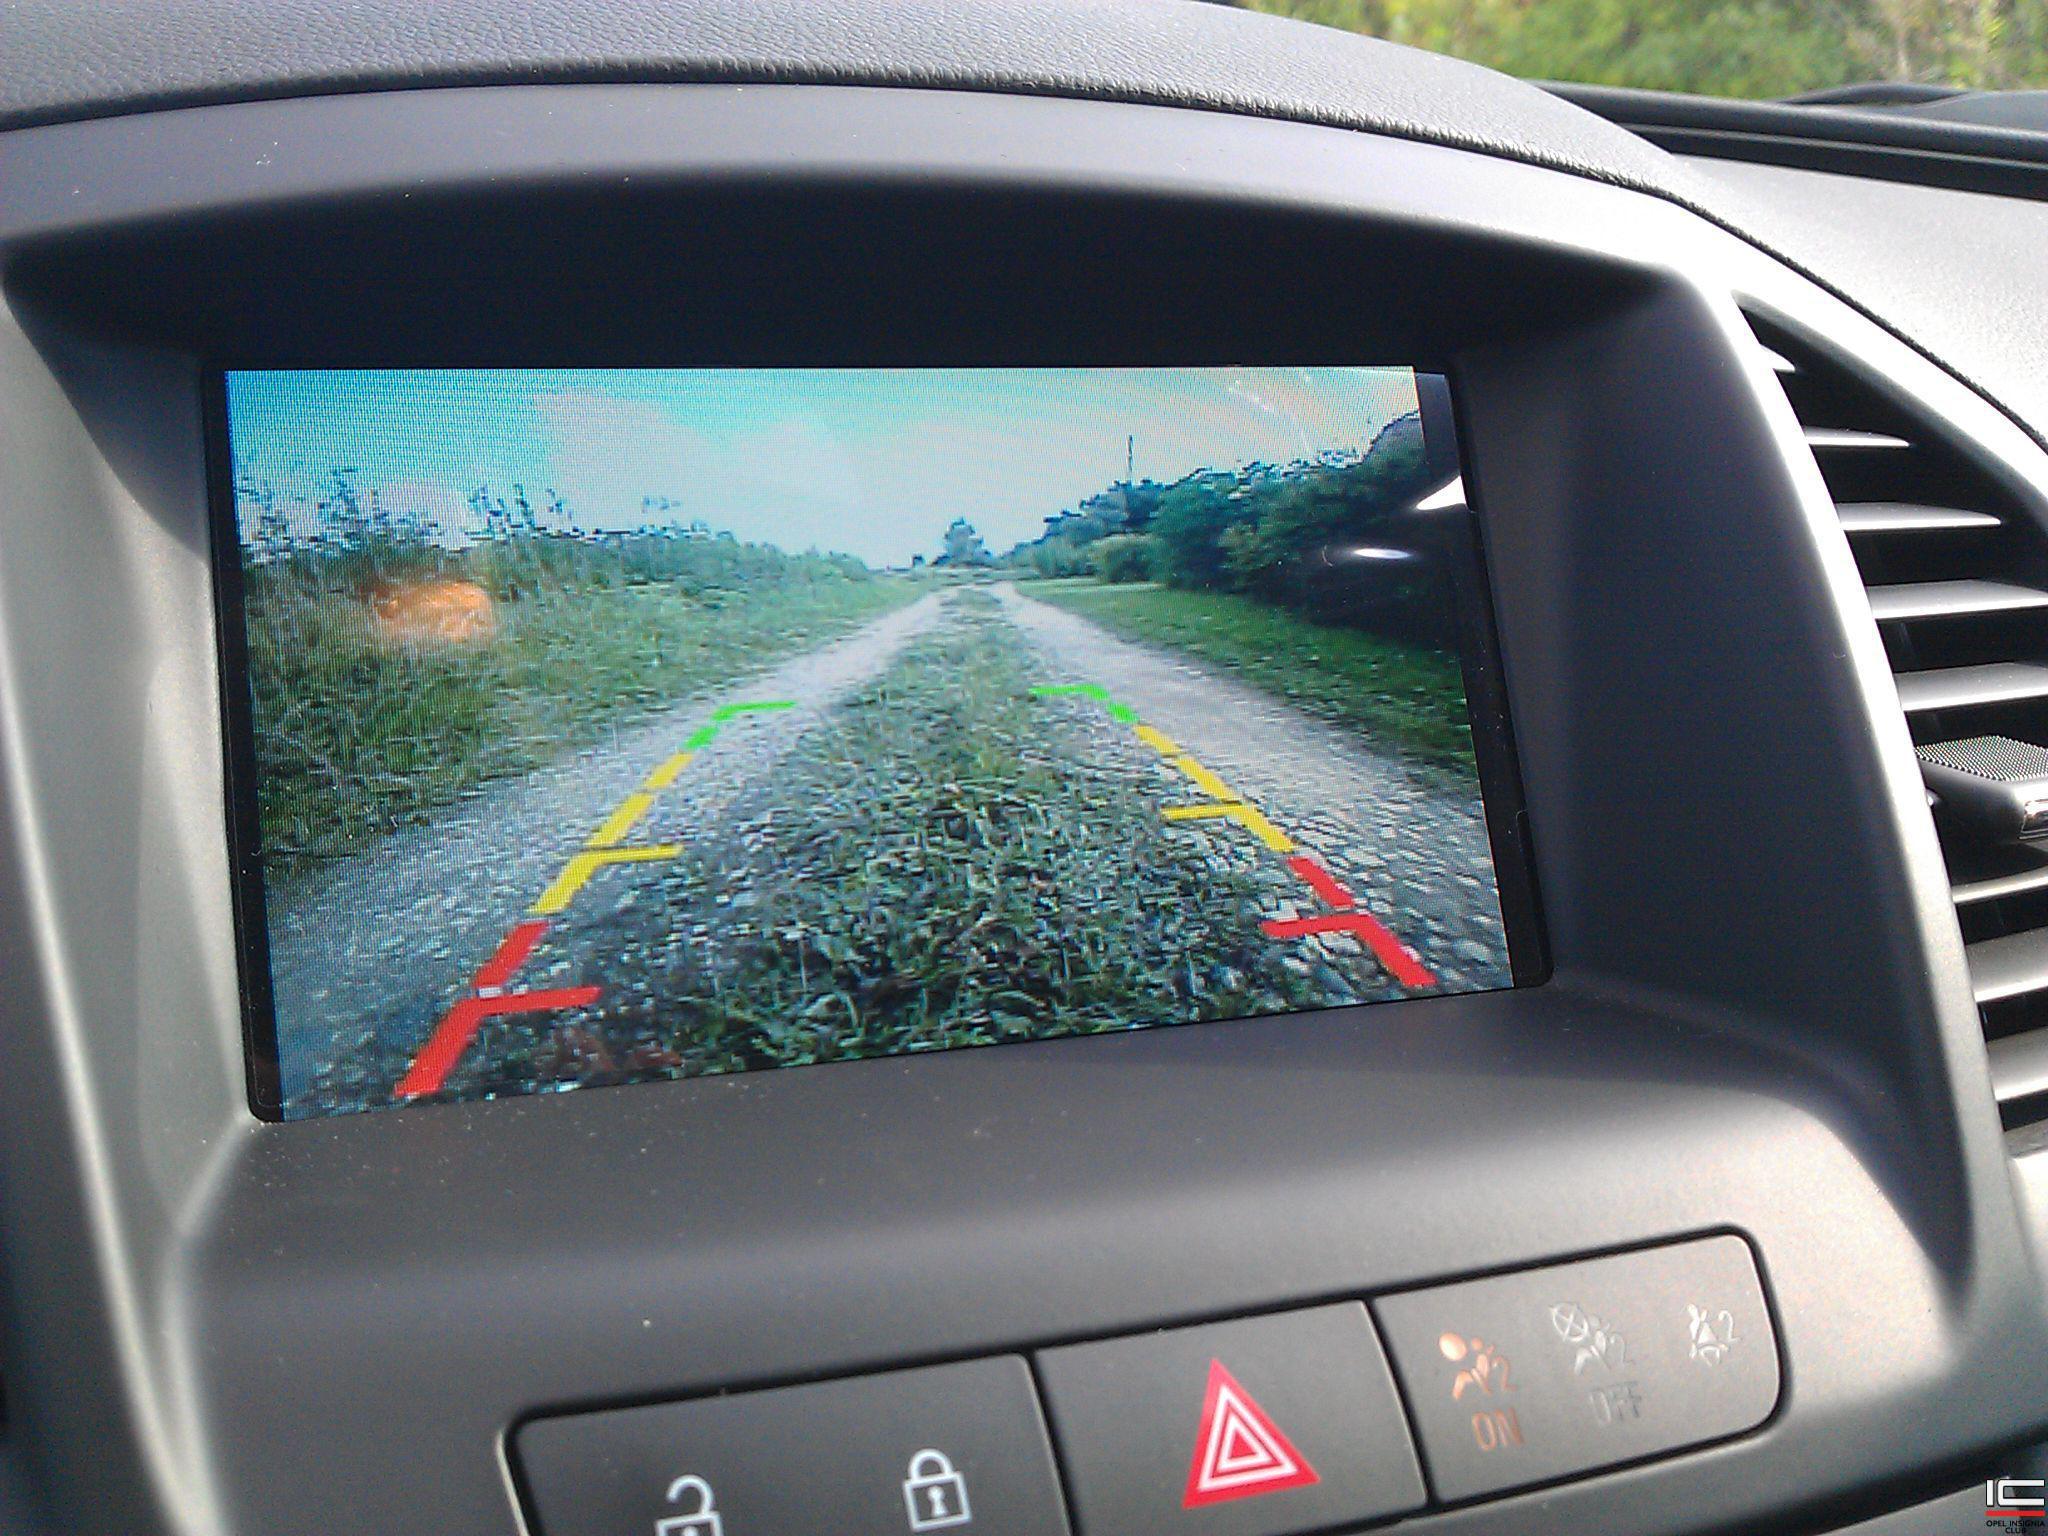 Авто Узи - Установка камеры заднего вида своими руками - Центр